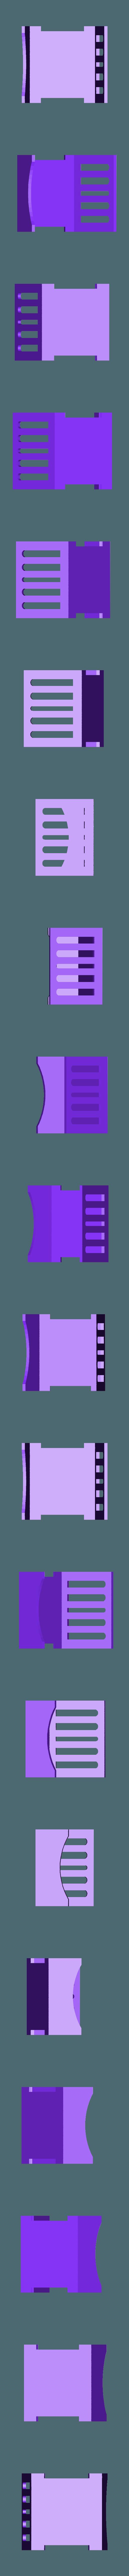 handcart_middle_part.stl Télécharger fichier STL gratuit Lapin de Pâques avec une charrette à bras • Design pour impression 3D, TanyaAkinora